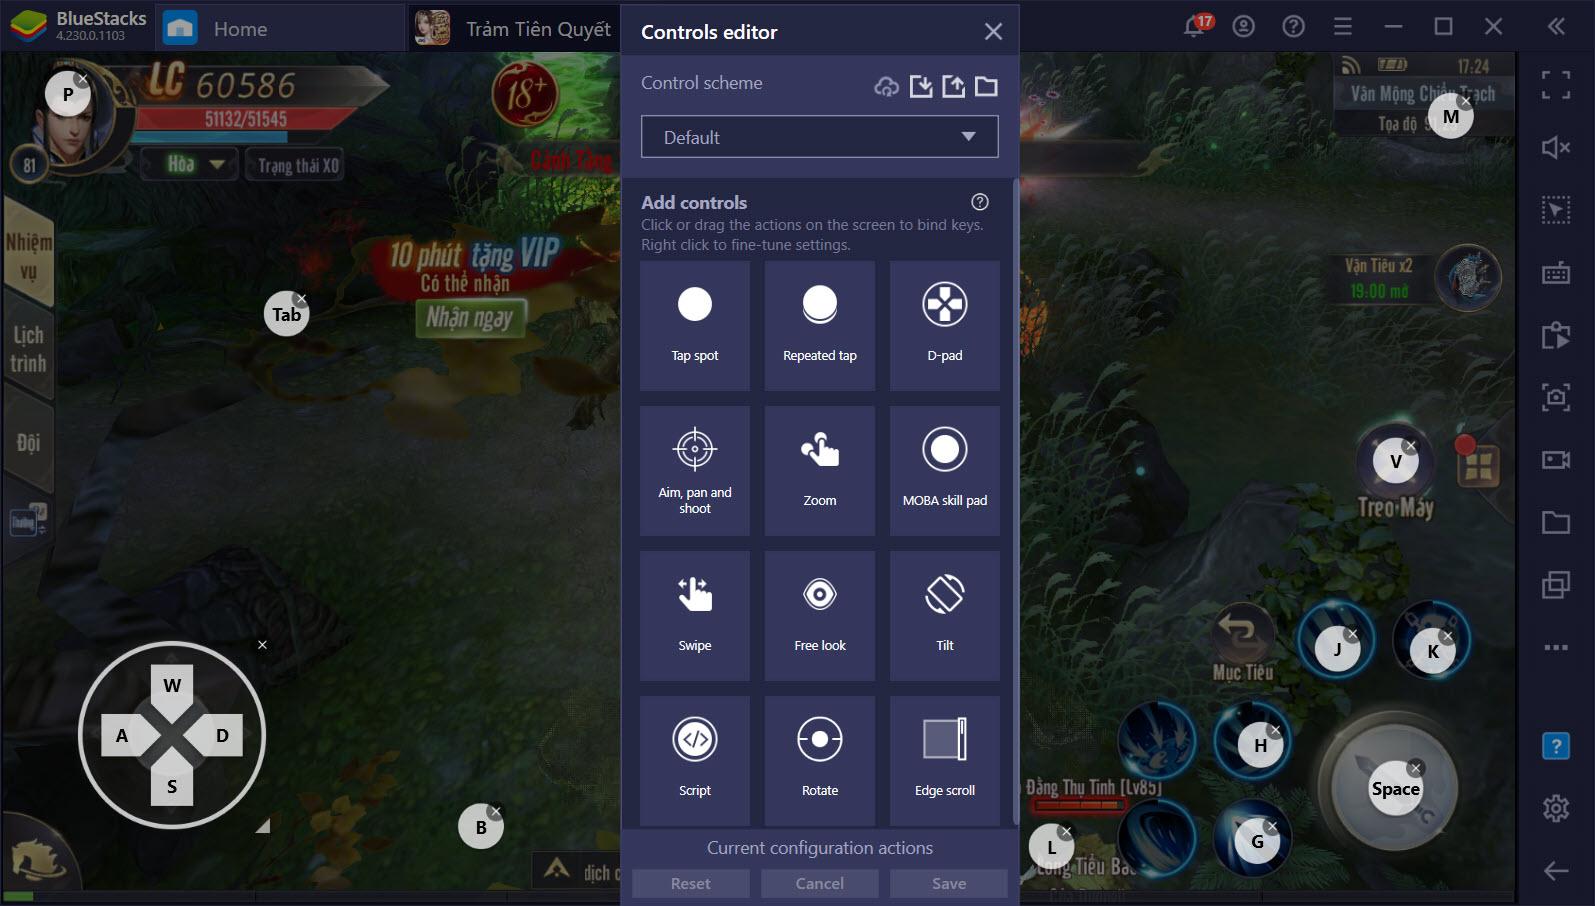 Chơi Trảm Tiên Quyết VTC trên PC hiệu quả hơn với Game Controls